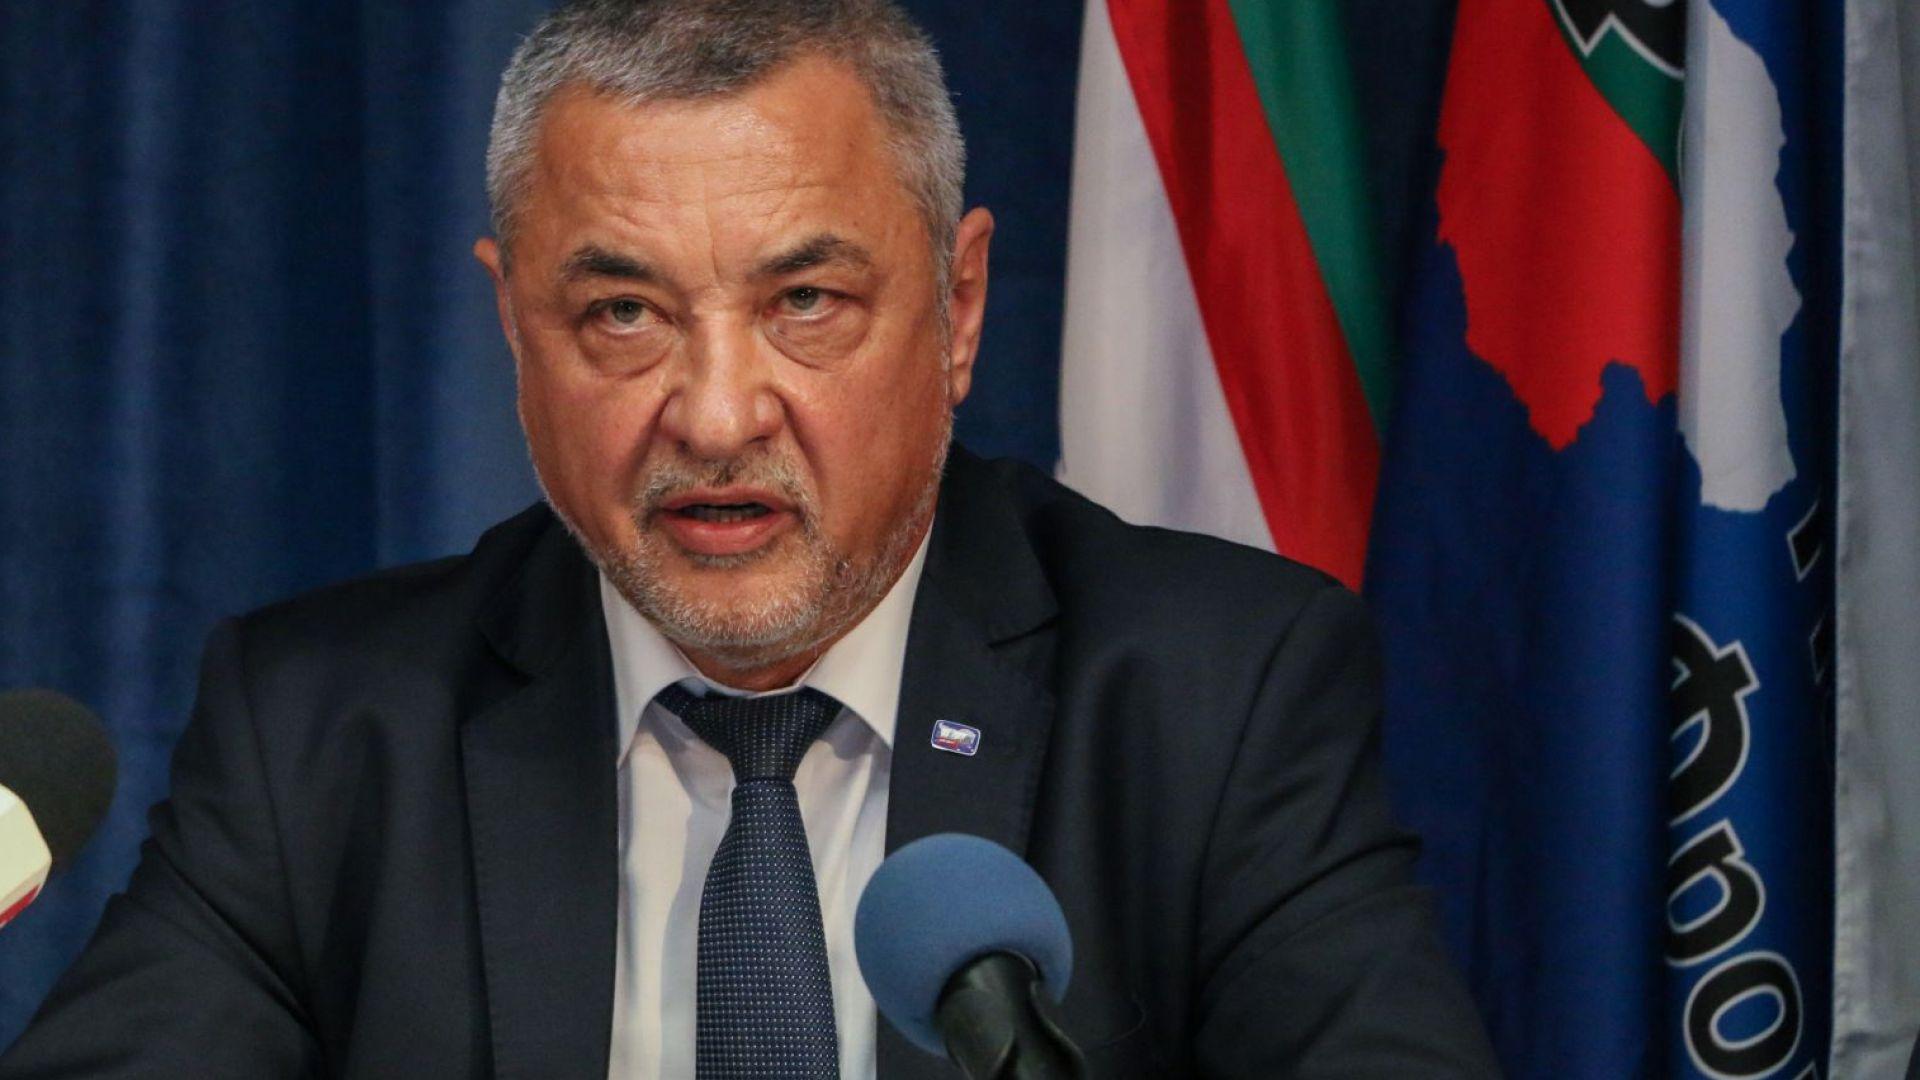 Борисов реши: Симеонов вече няма да оглавява Съвета по етнически въпроси